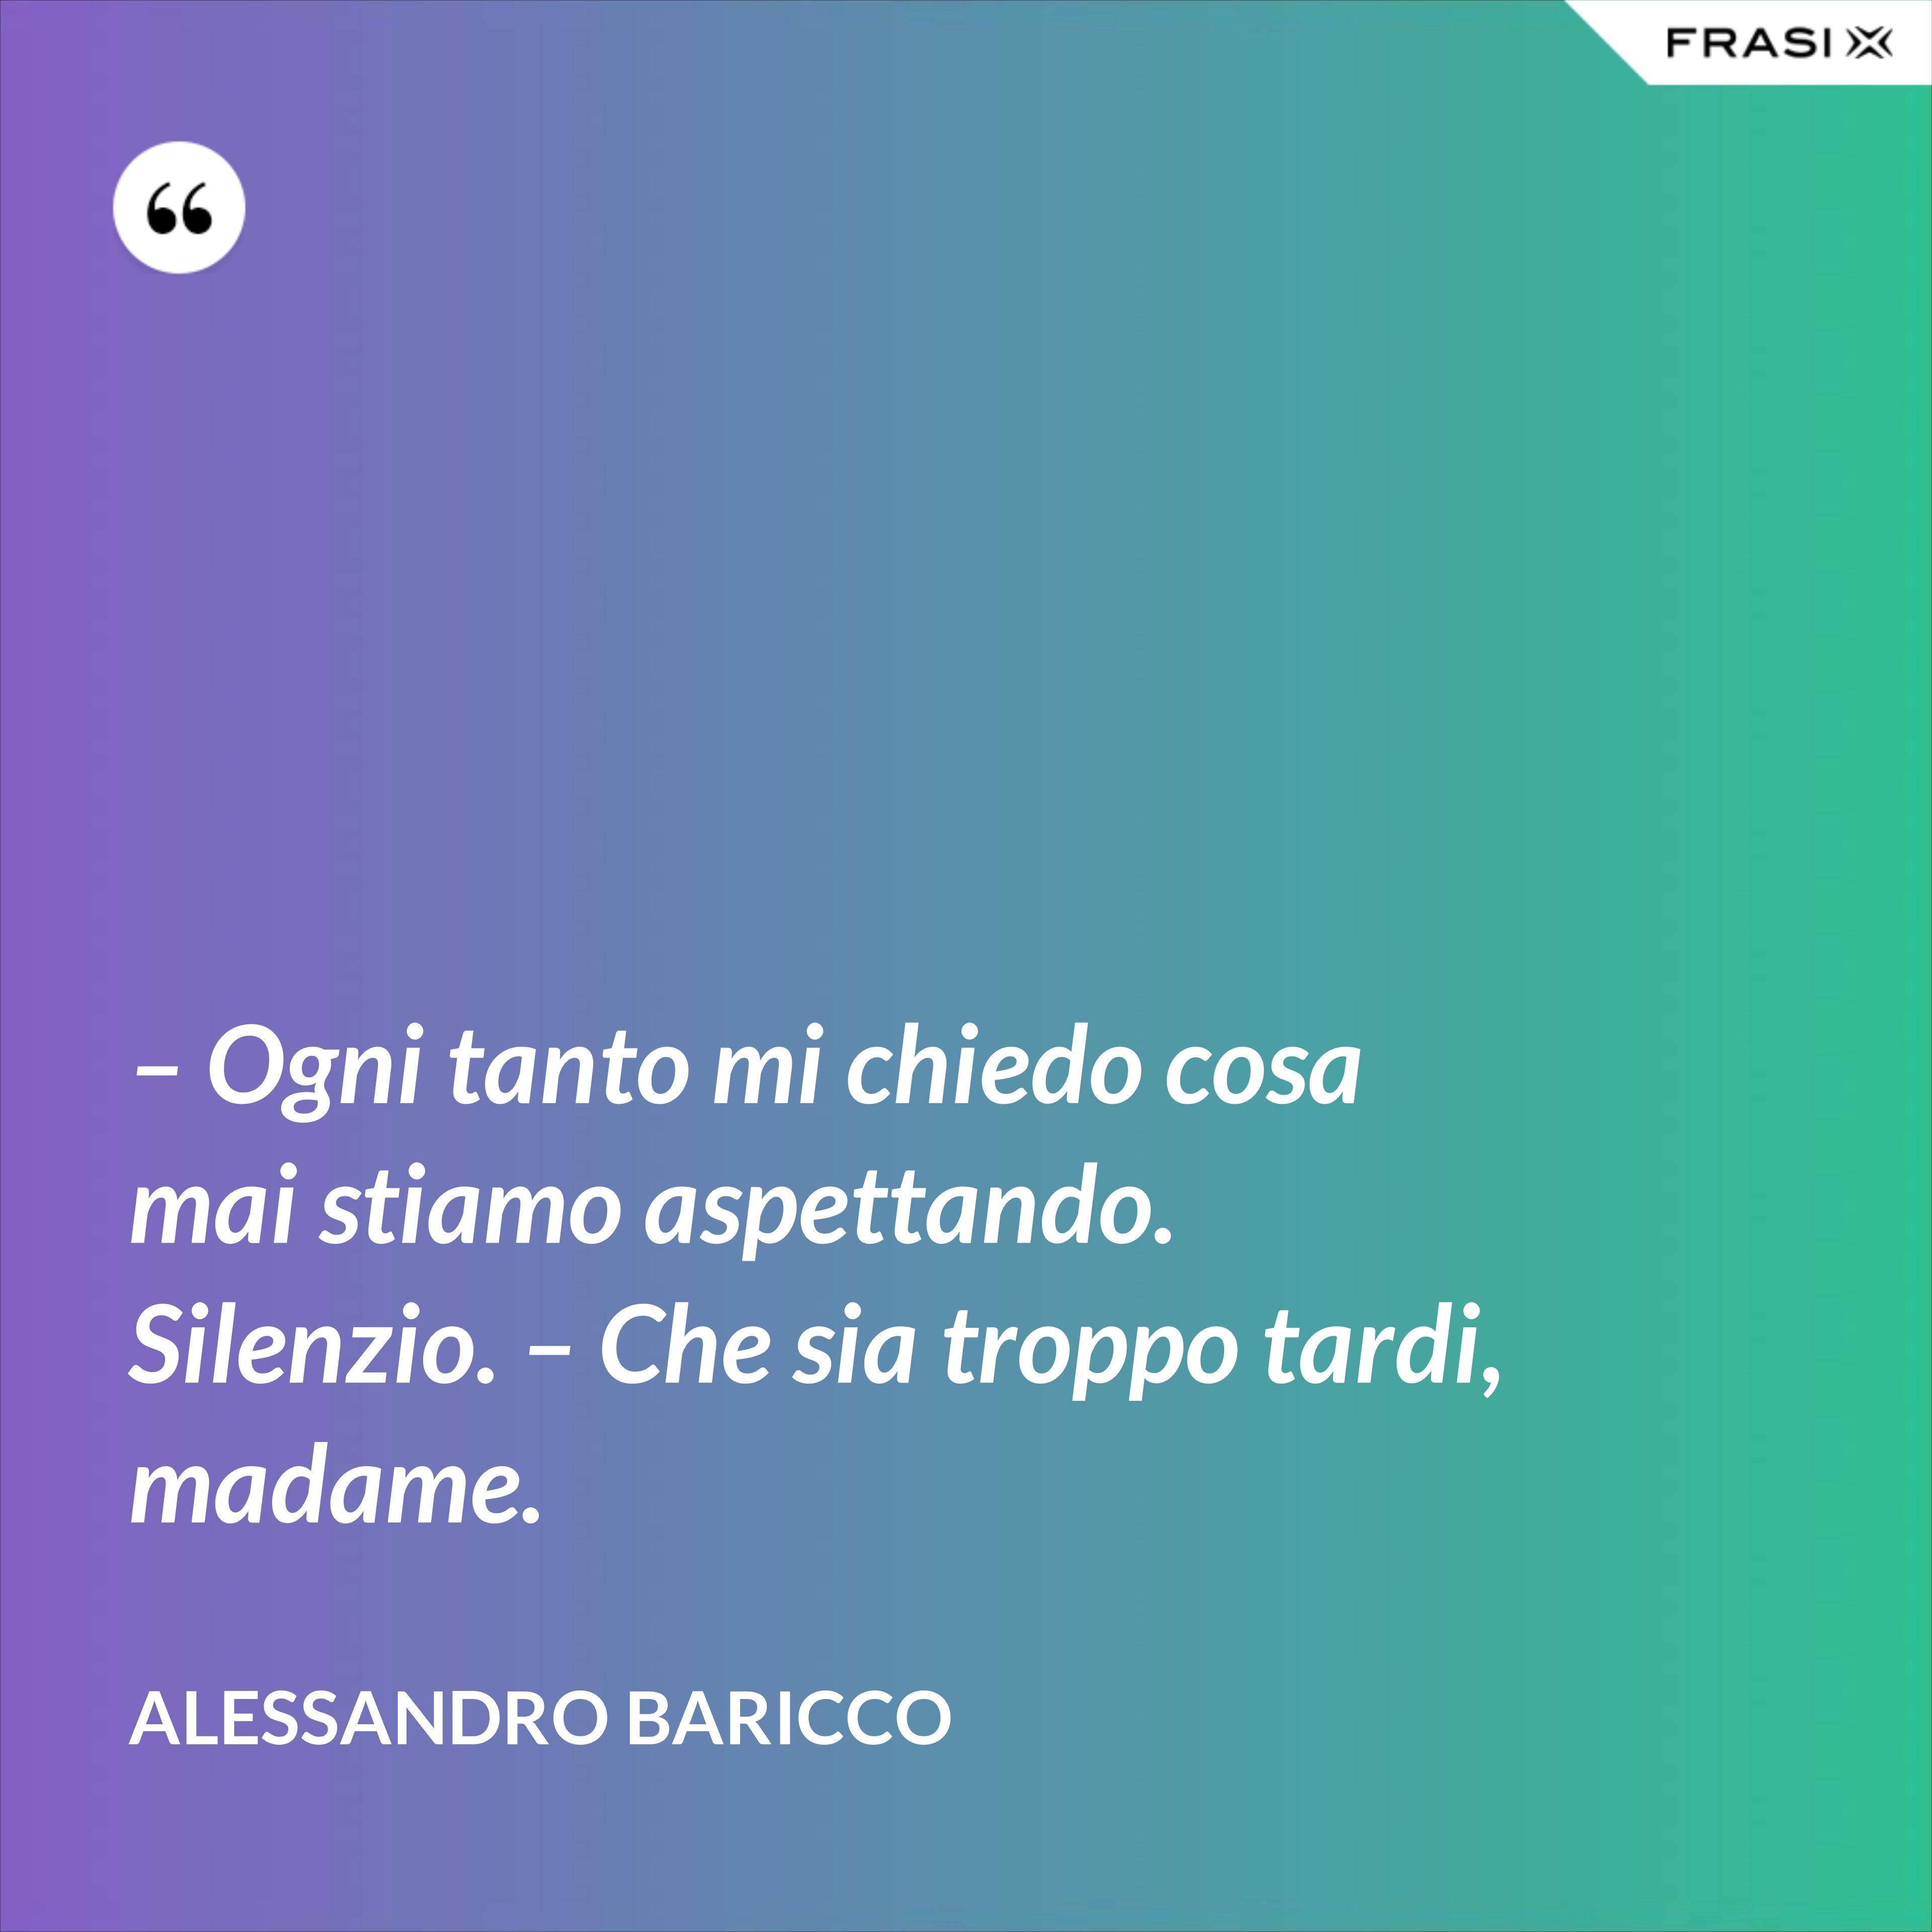 – Ogni tanto mi chiedo cosa mai stiamo aspettando. Silenzio. – Che sia troppo tardi, madame. - Alessandro Baricco